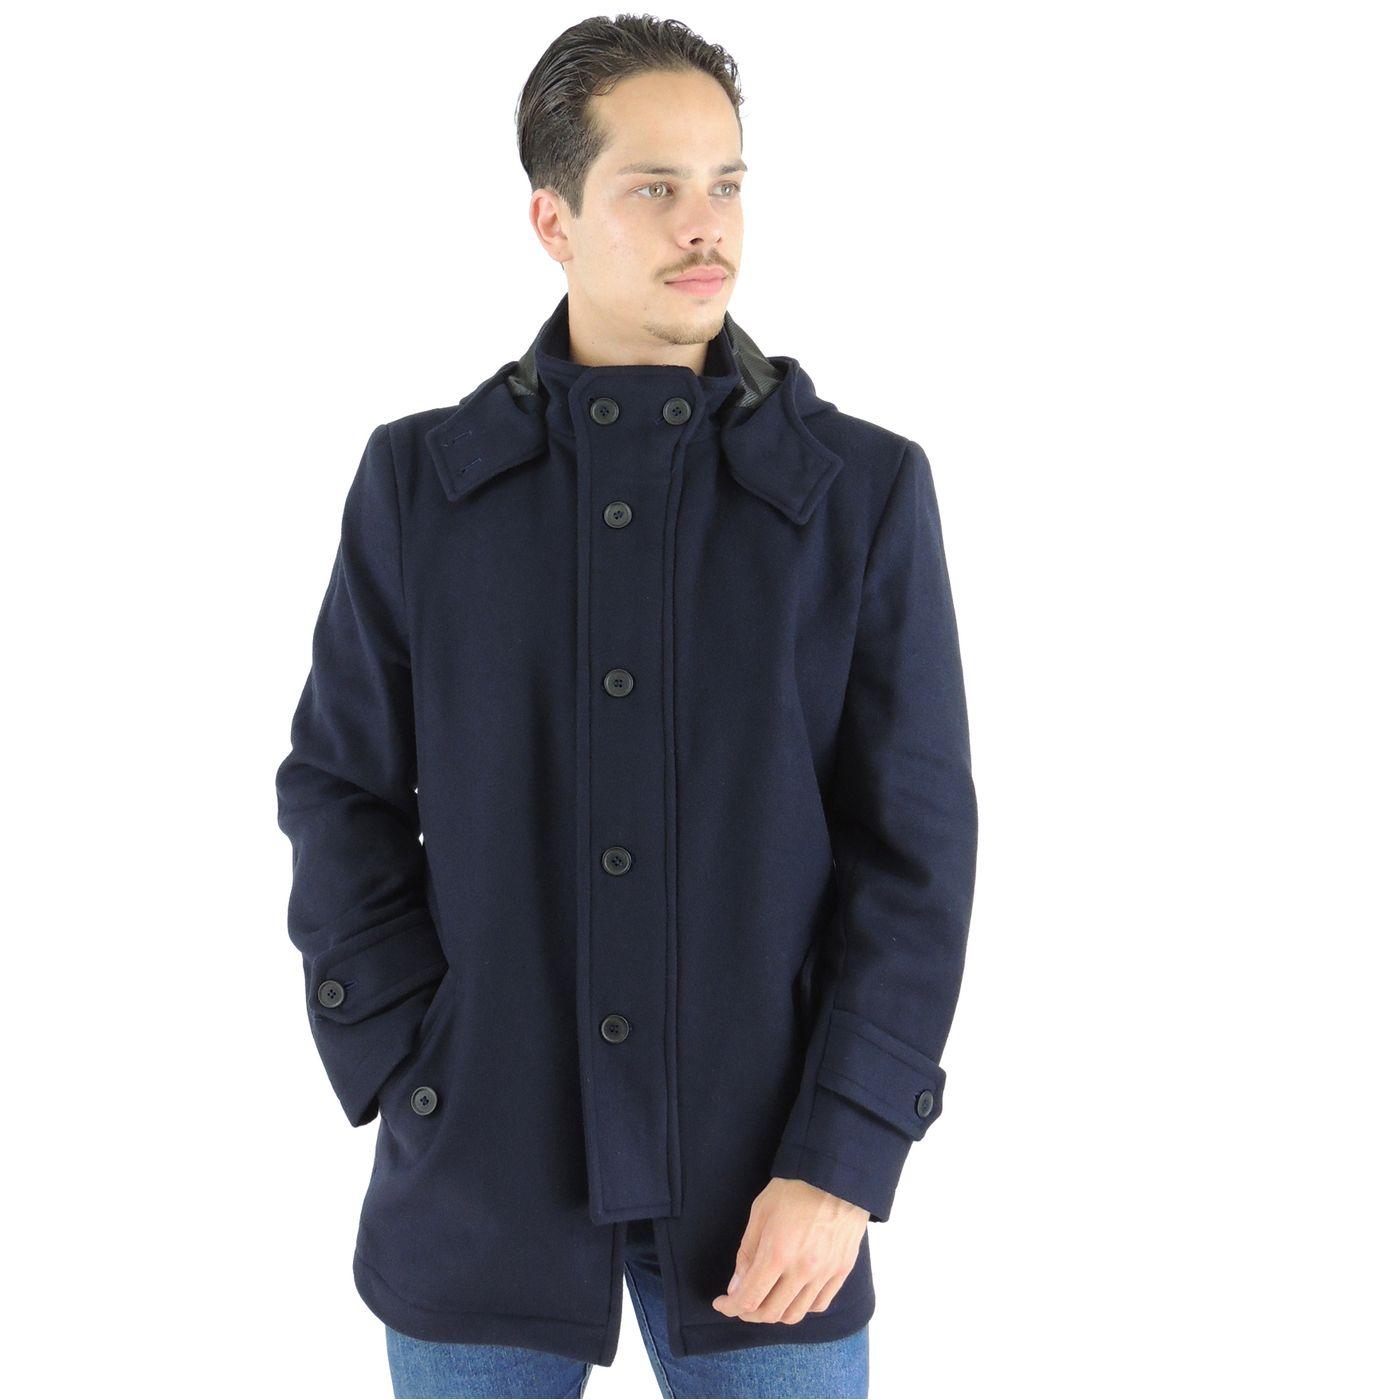 8574b1bf9b568 Casaco Masculino para o inverno e frio intenso azul marinho com ...